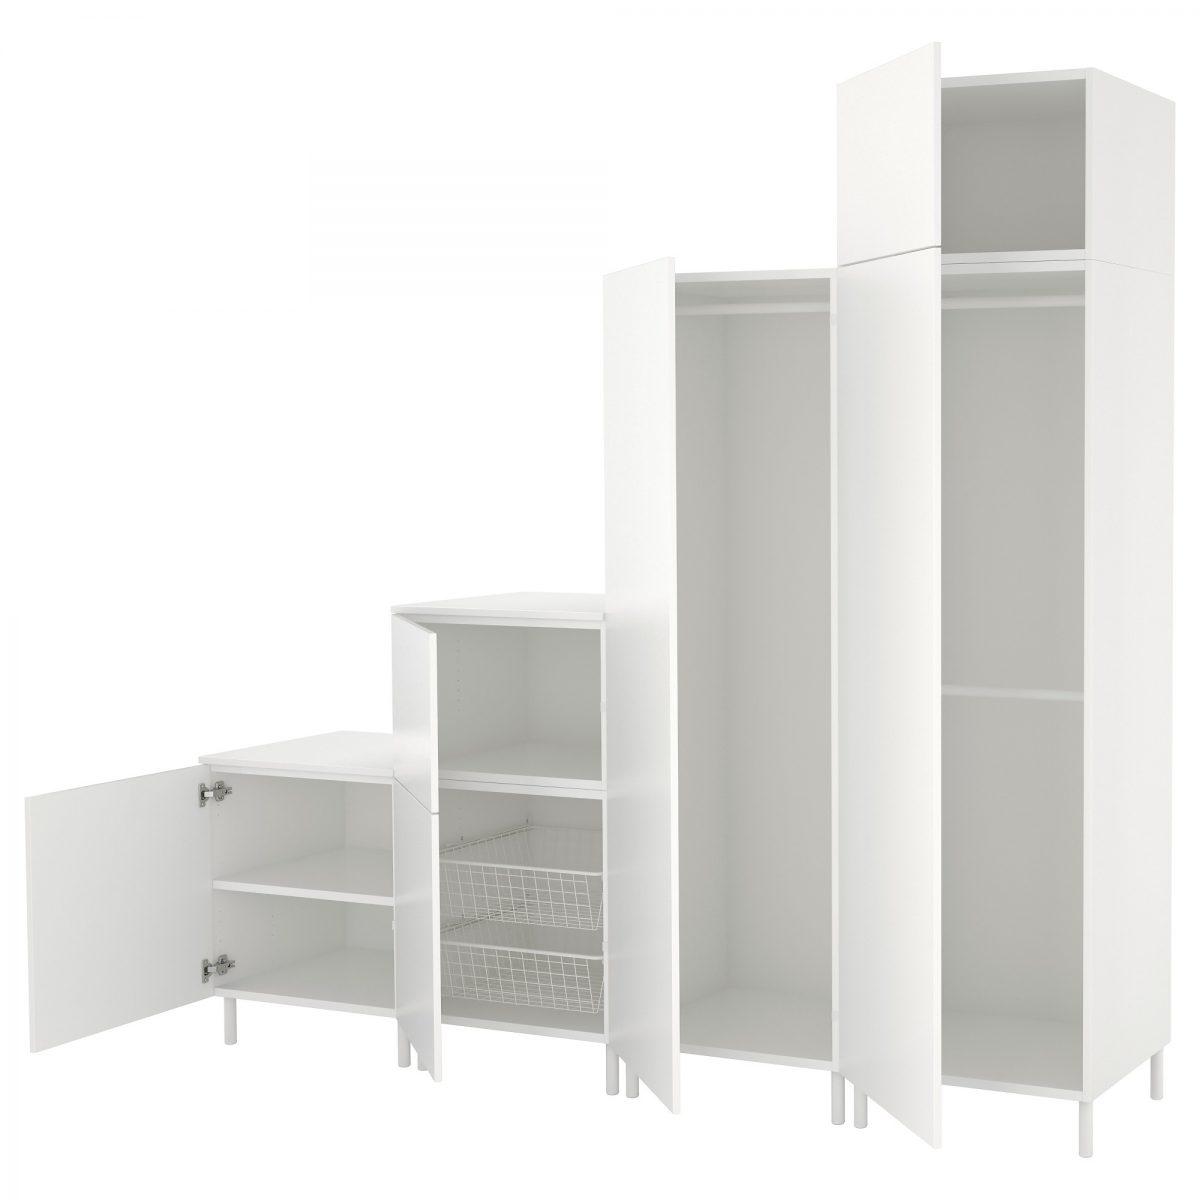 Piccolo Armadio Ikea.Armadi Ikea